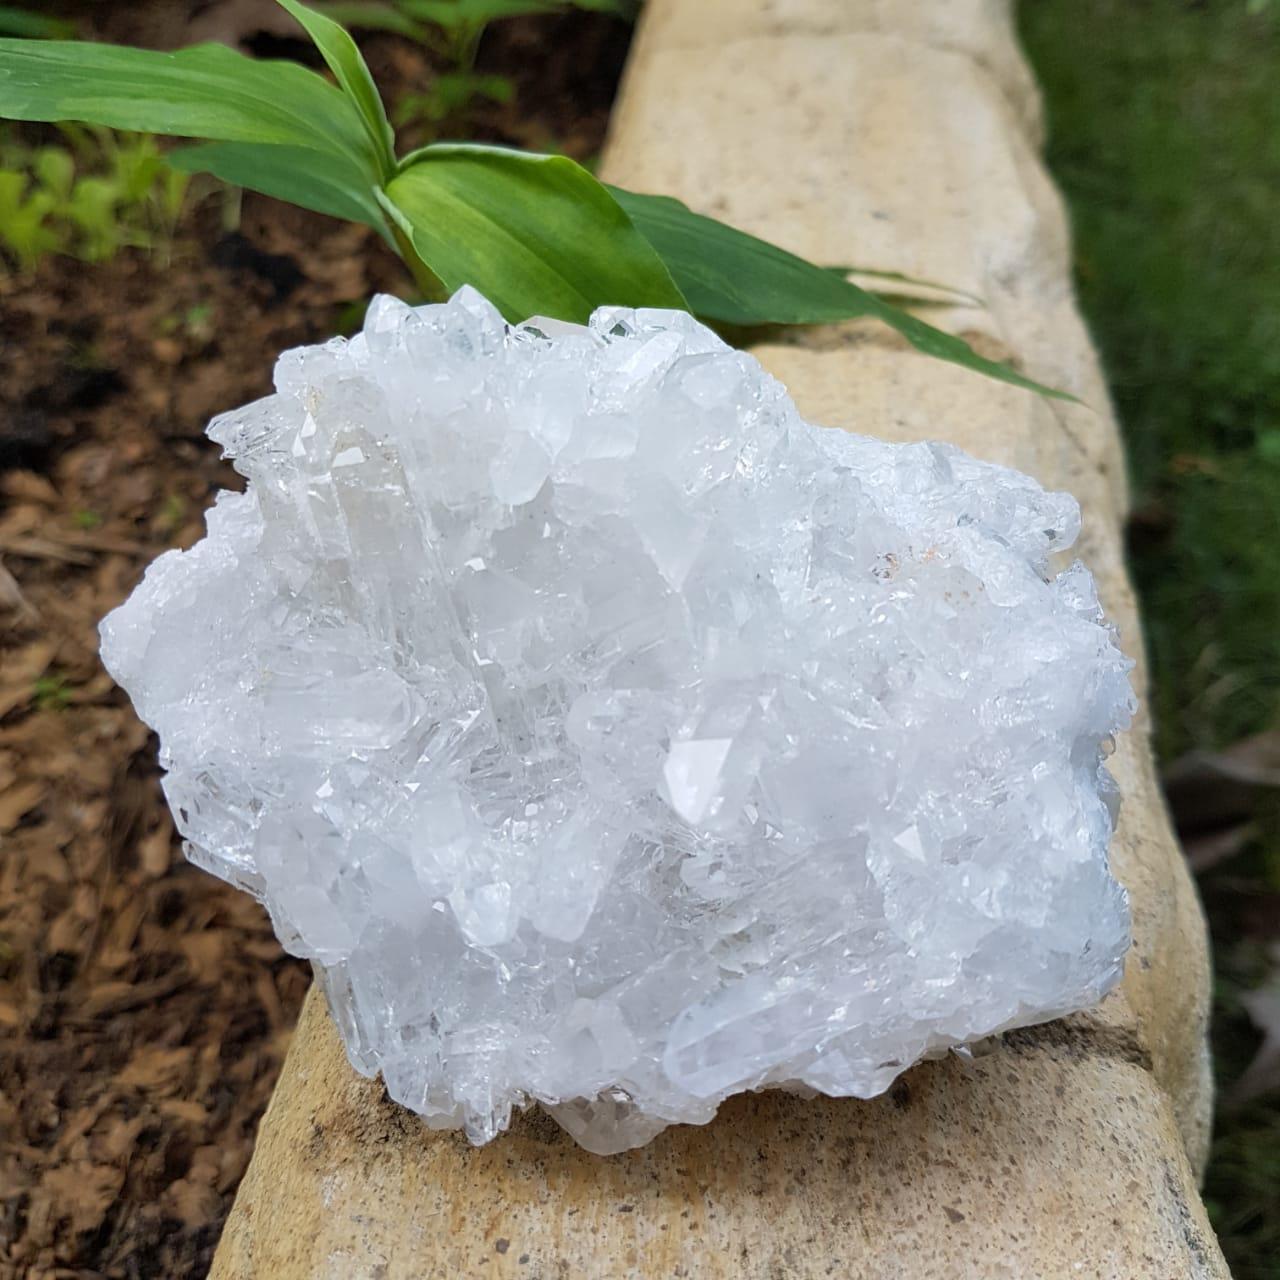 Cristal - Drusa - Quartzo Branco - Luz - Cura